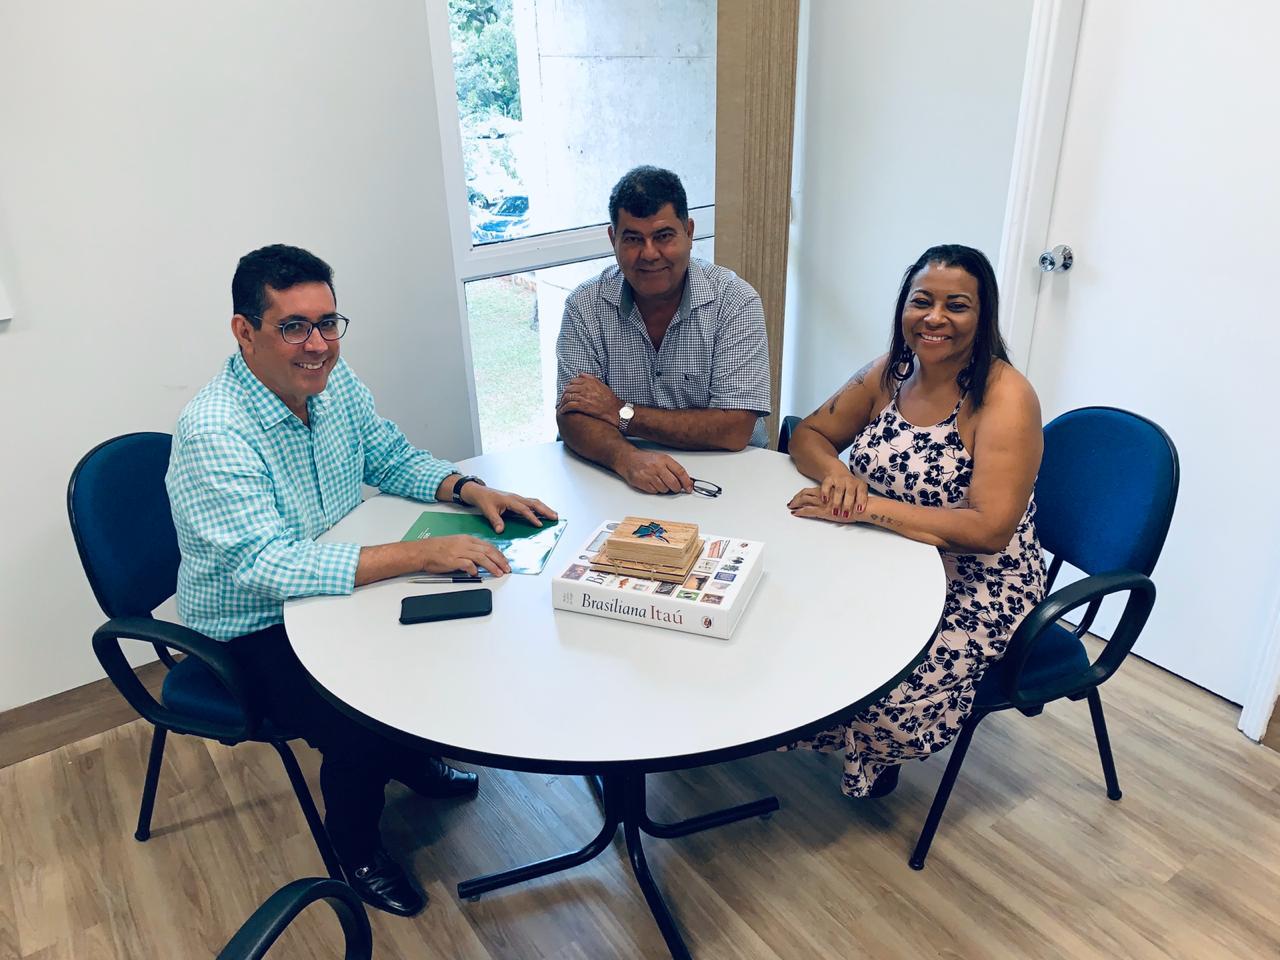 Presidente da FETEMS, Professor Jaime Teixeira e Secretaria de Comunicação Deumeires Morais se reúnem com o governo para discutir sobre o Processo Seletivo dos Professores 12